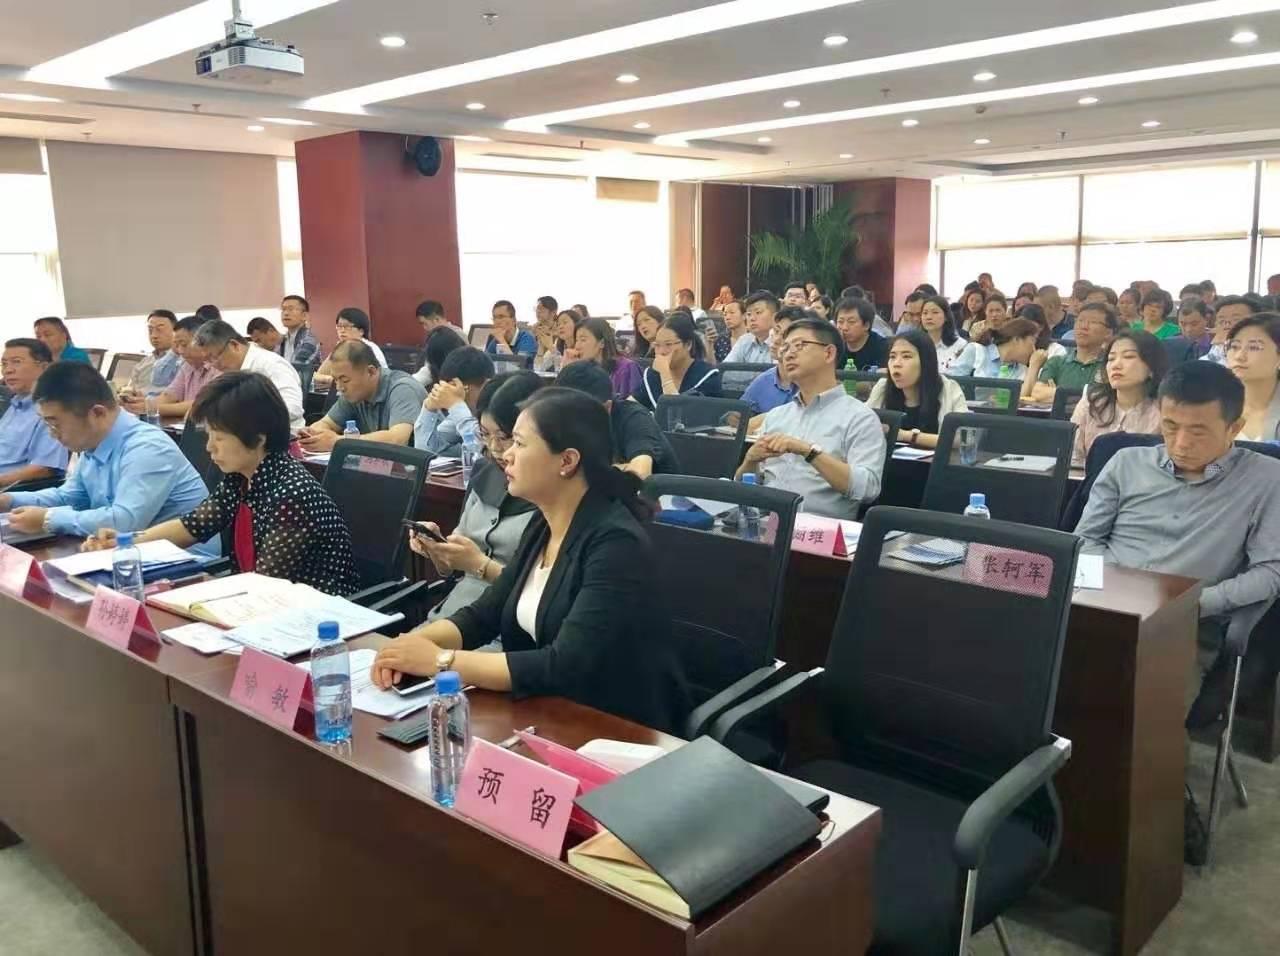 動態 | 天地縱橫熊斌先生出席國際商會中國國家委員會海關與貿易便利化委員會2019年下半年工作會議